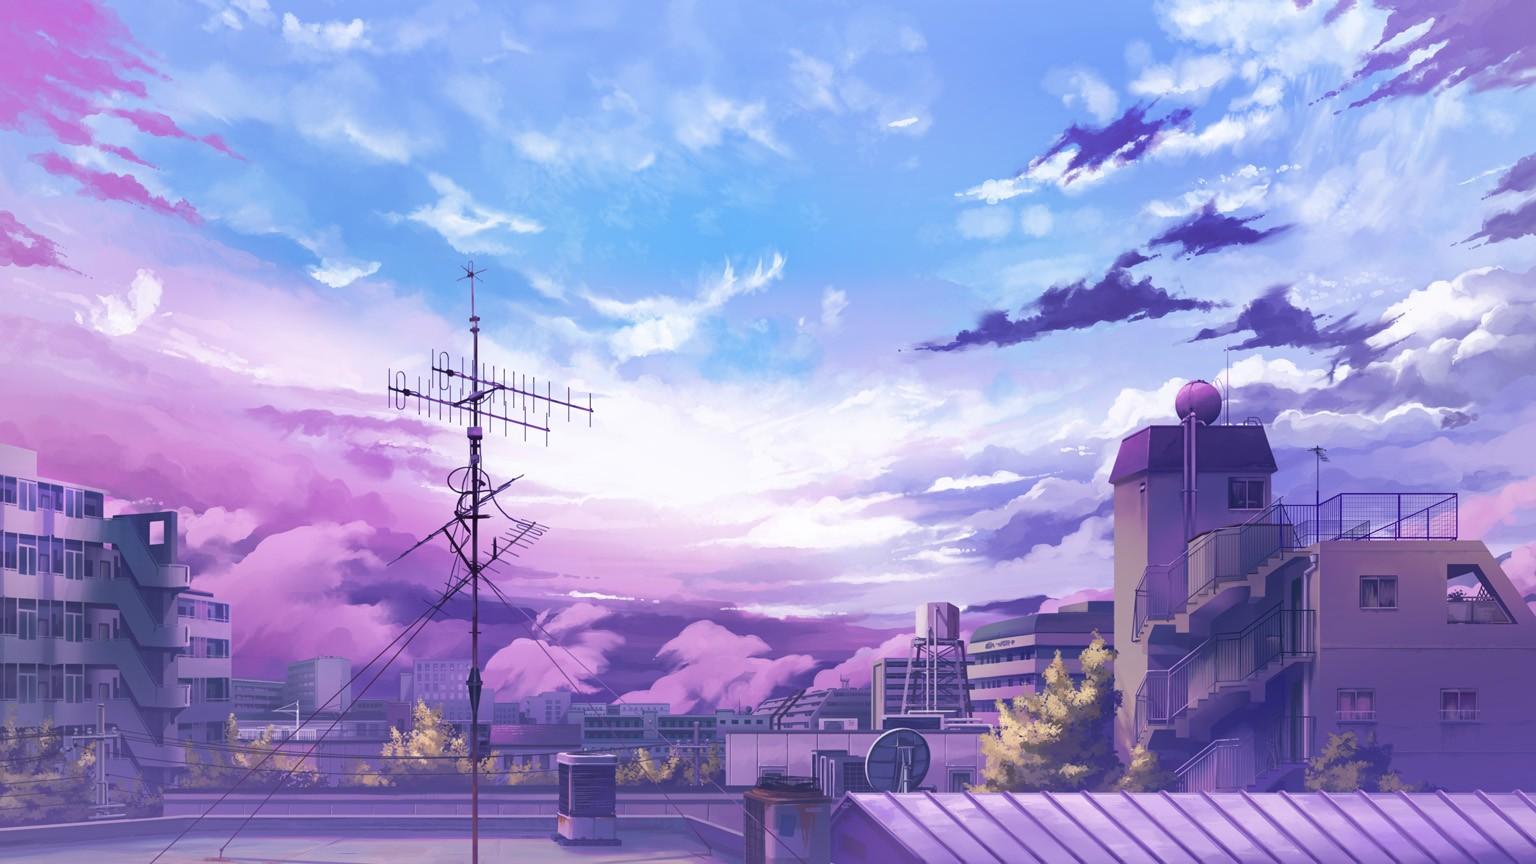 88] Anime Sky Wallpapers on WallpaperSafari 1536x864